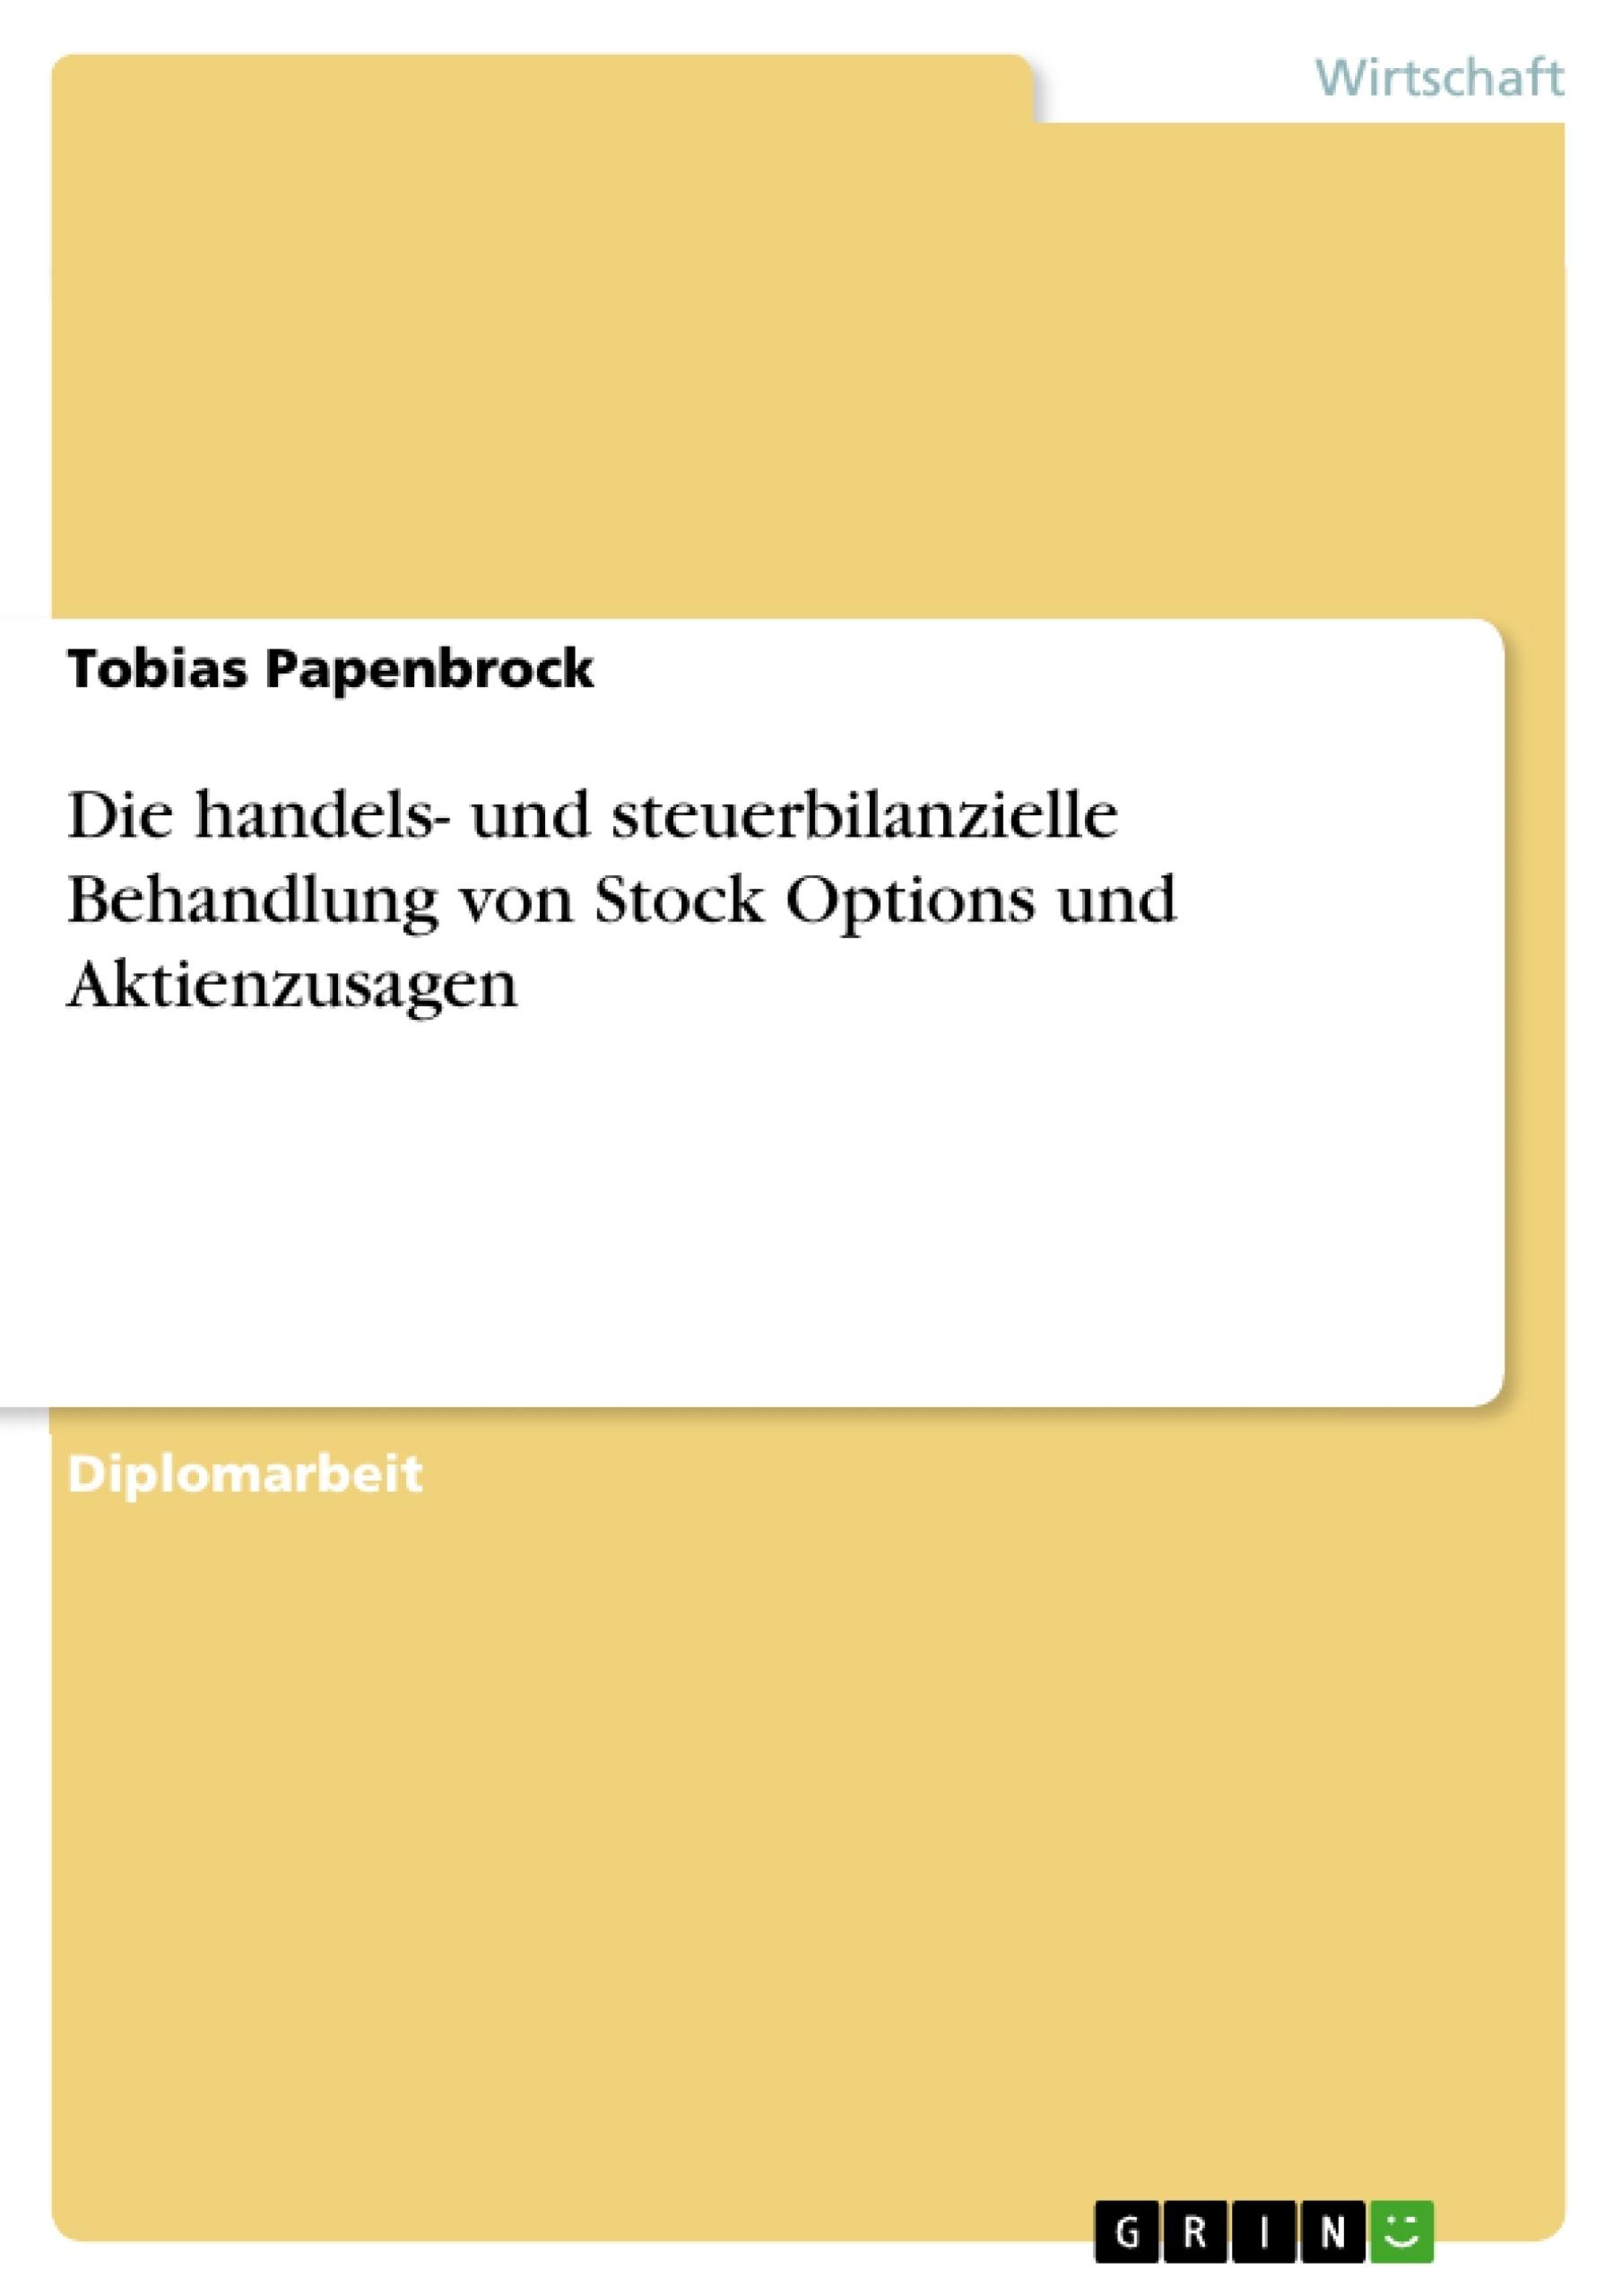 Titel: Die handels- und steuerbilanzielle Behandlung von Stock Options und Aktienzusagen